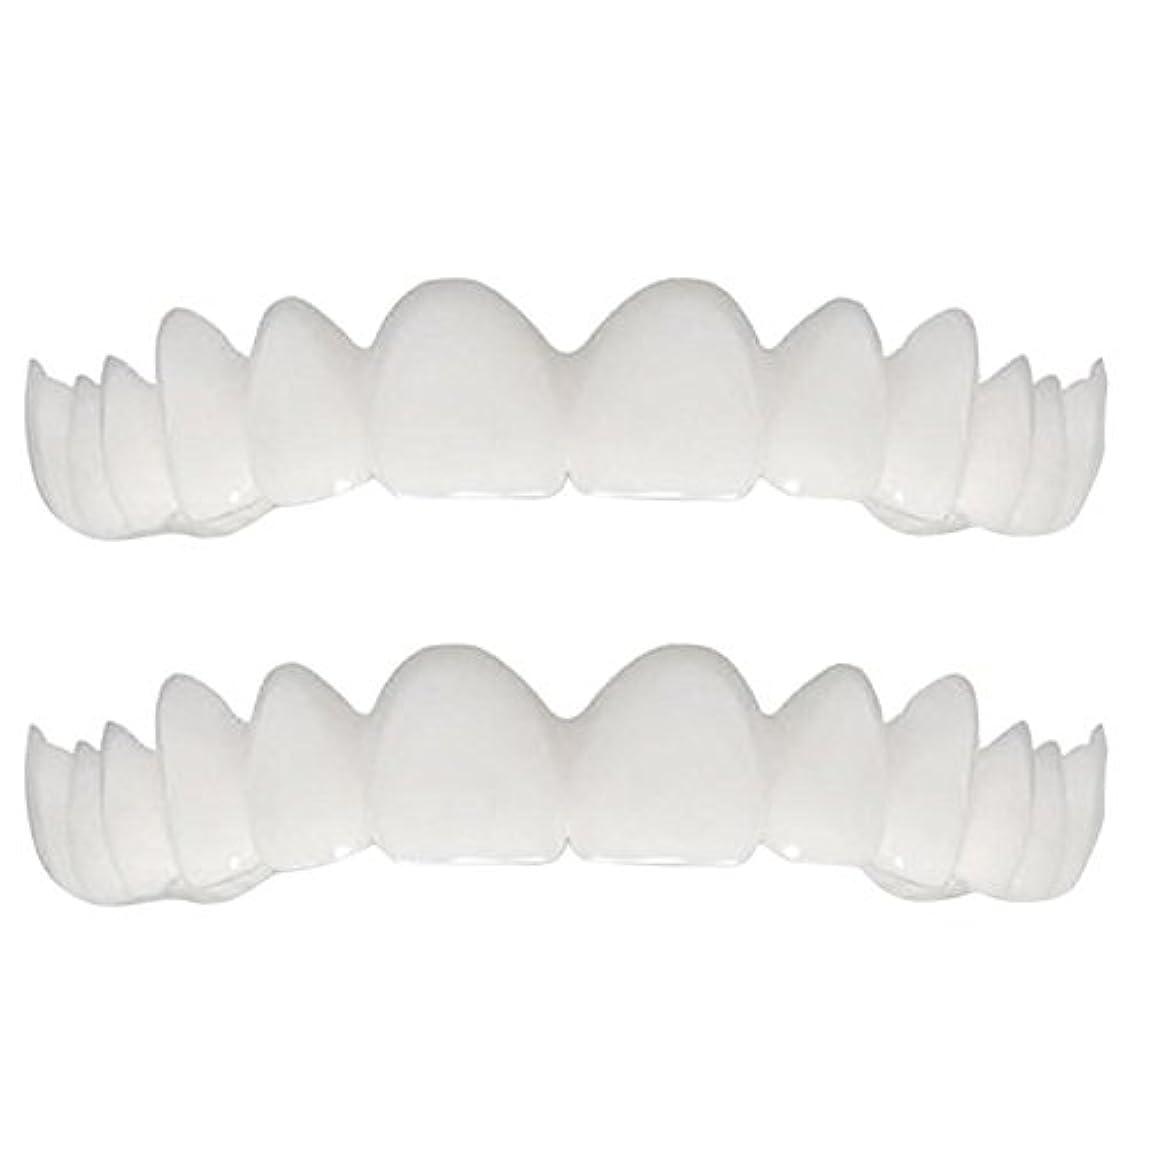 酸度回転する物理的に柔らかい歯の総義歯と合うシリコーンのシミュレーションの上下の総義歯(5セット),Opp